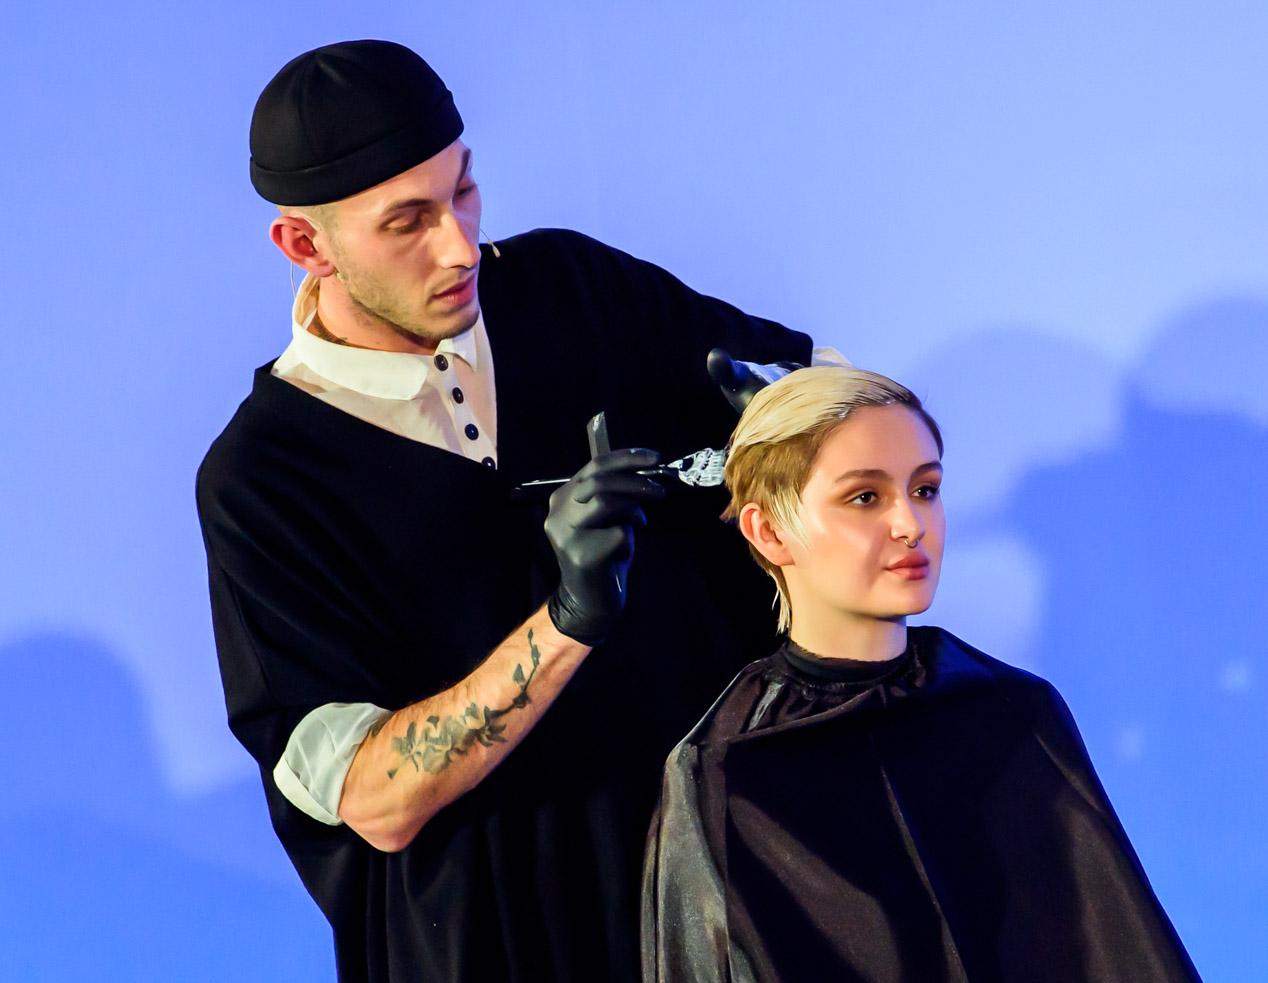 Frizer iz Trevor Sorbie frizerske akademije boja kosu na pozornici Salon Internationala